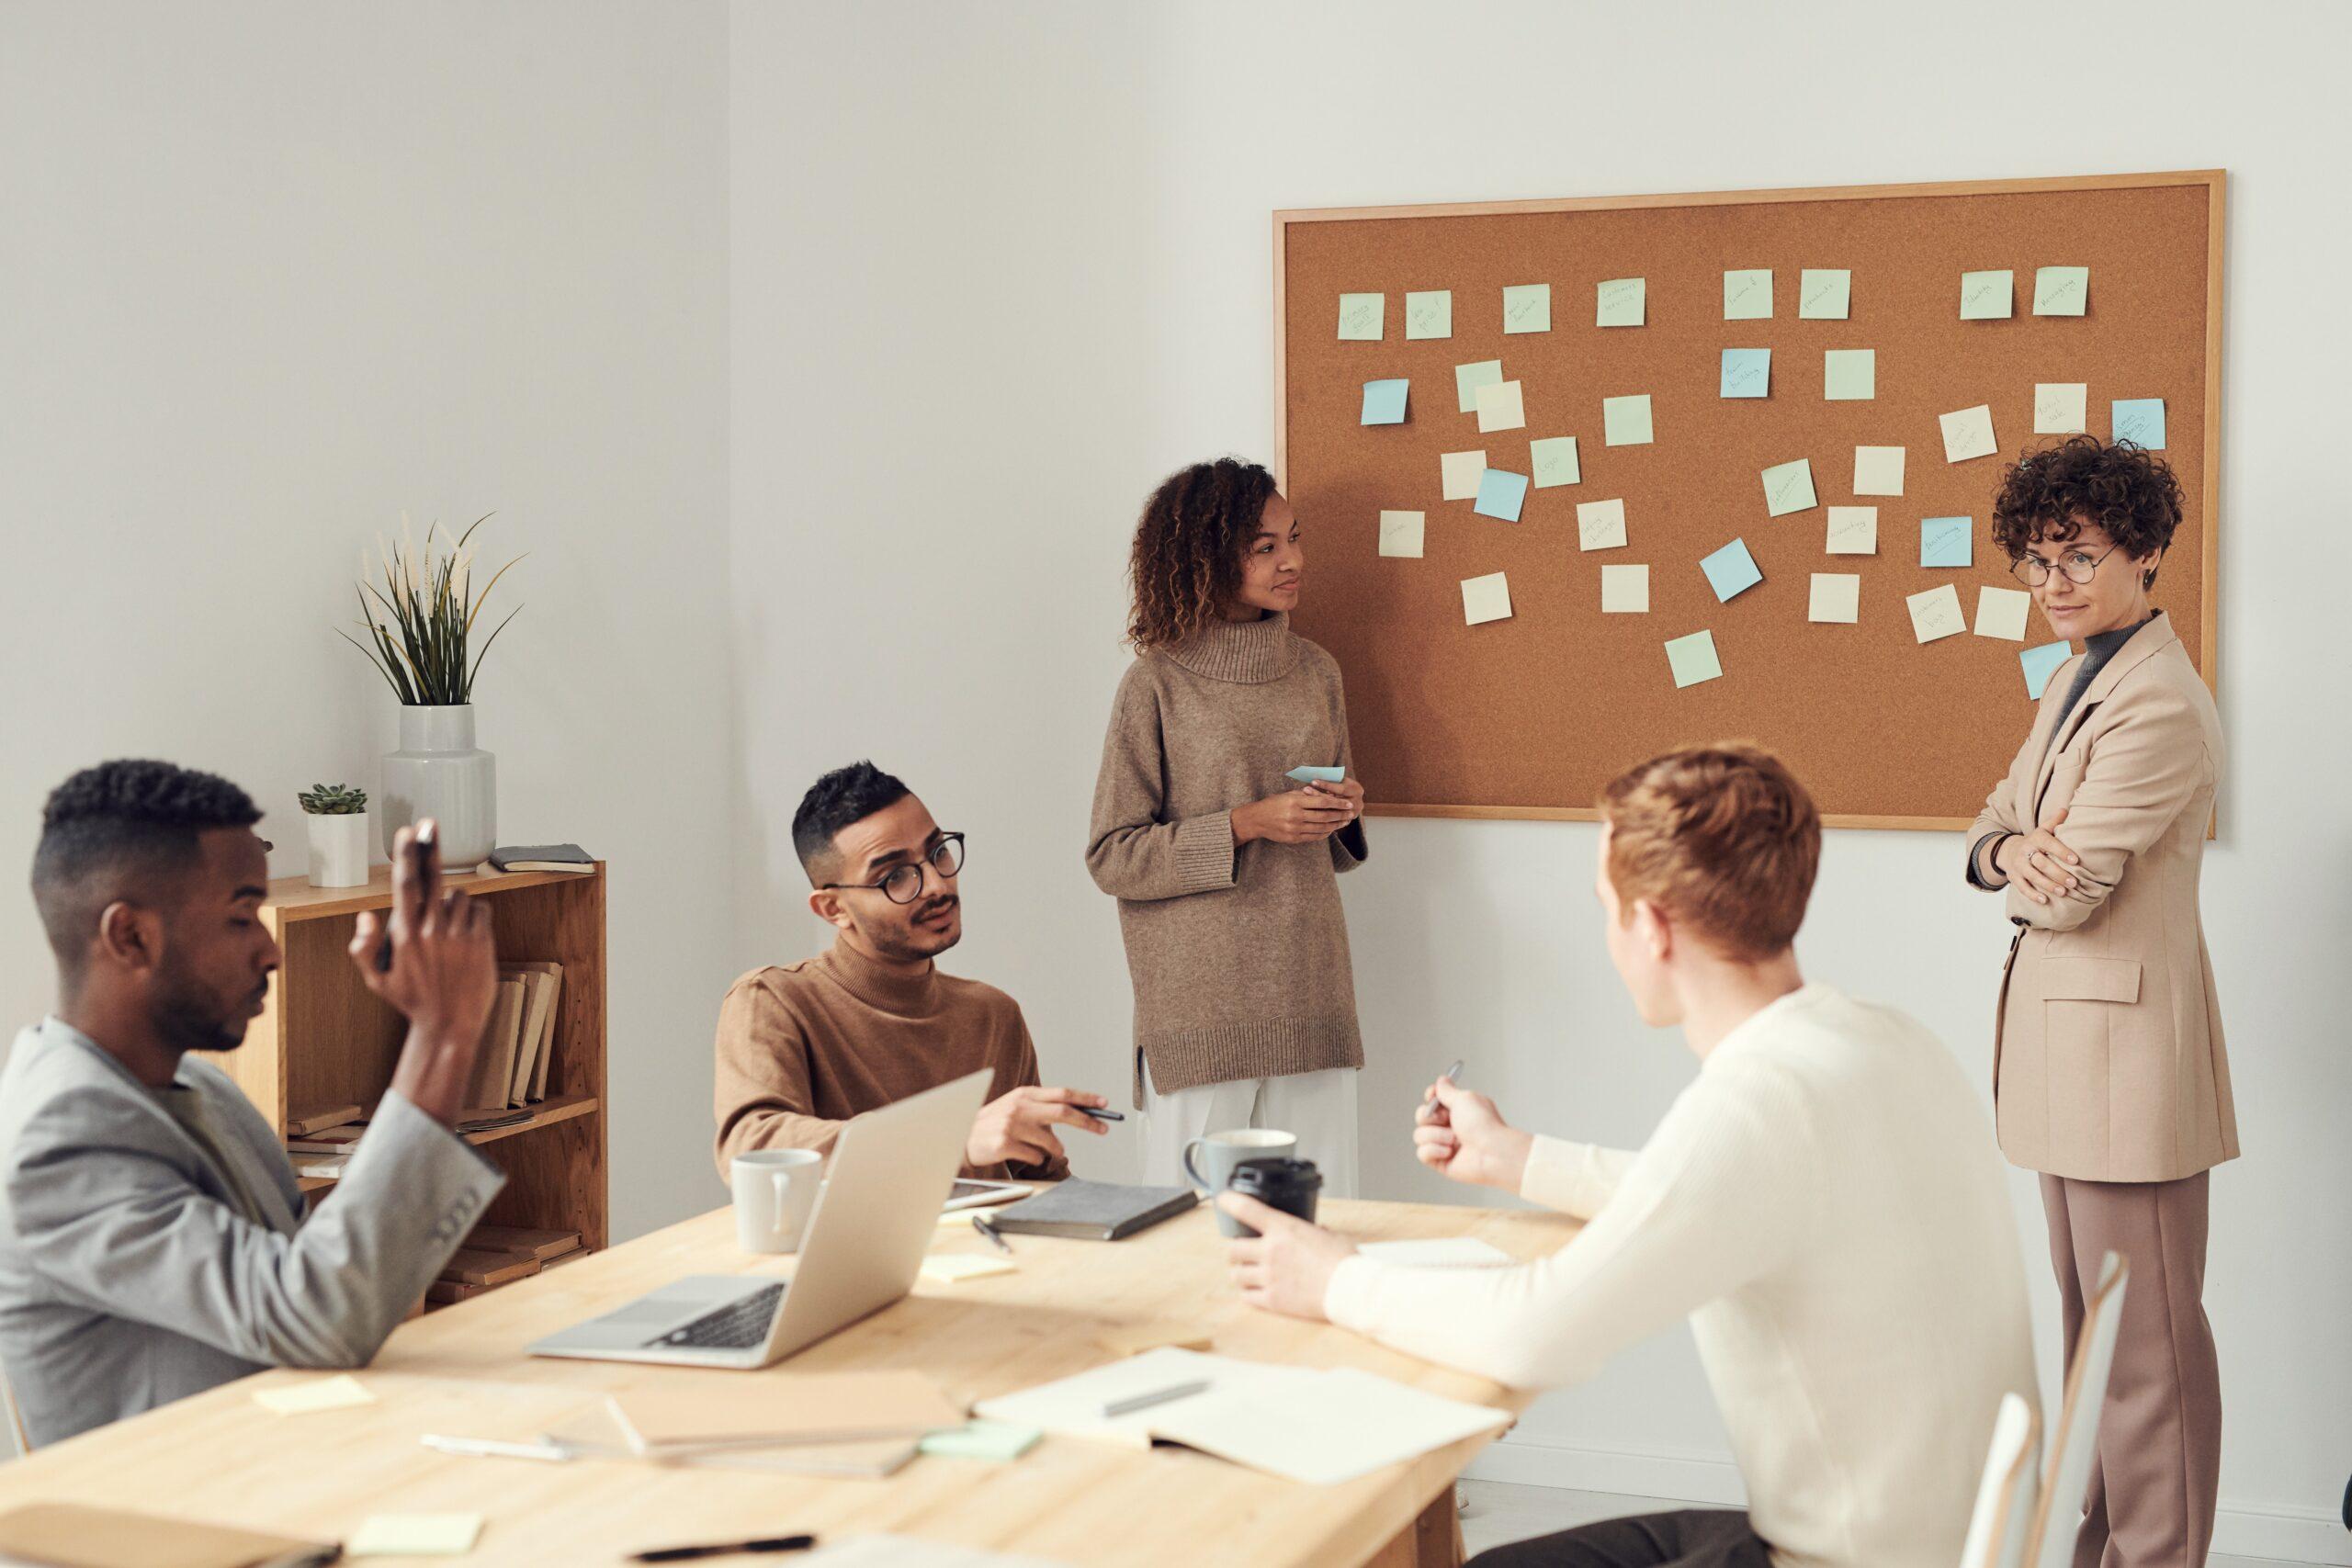 ¿Quieres saber cuales son las ventajas de una empresa diversa?